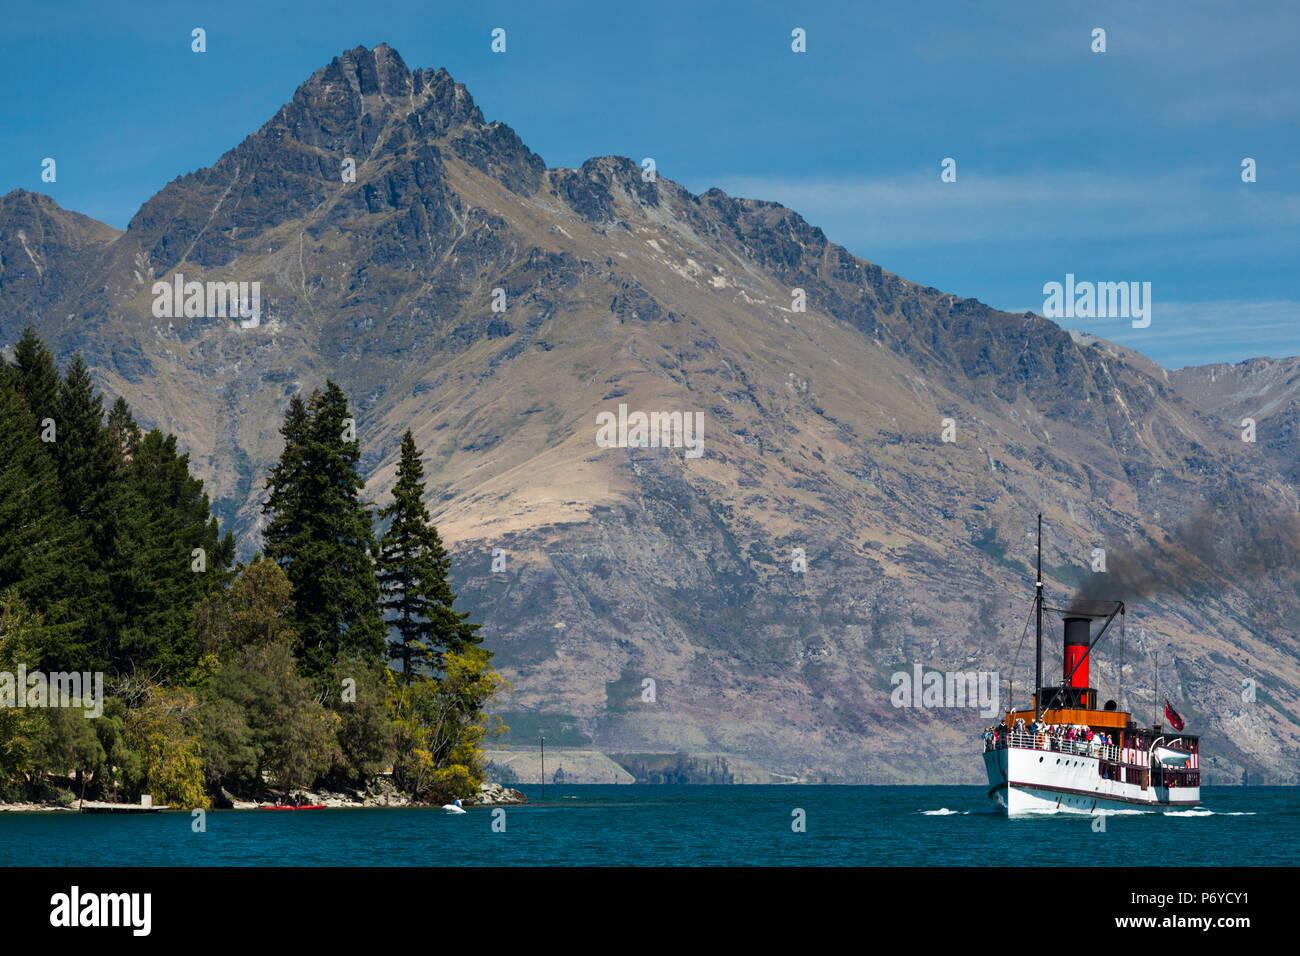 Nueva Zelanda, Otago, Isla del Sur, Queenstown, las montañas Remarkables con el TSS Earnslaw vaporizador Imagen De Stock